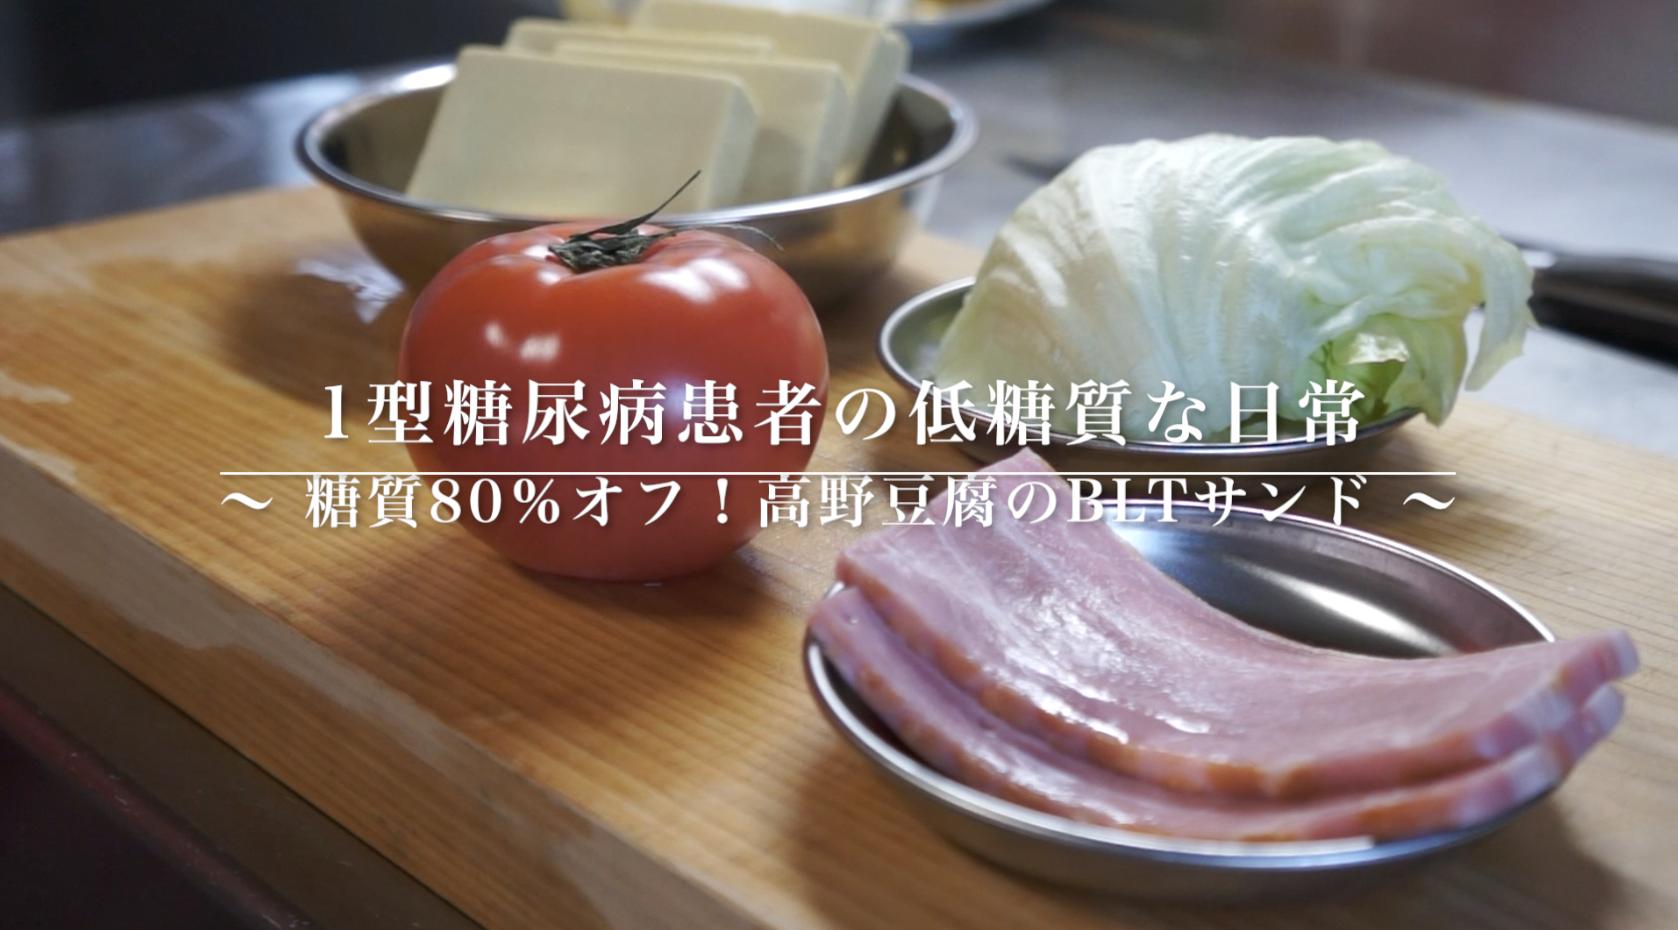 高野豆腐 低糖質 ロカボレシピ